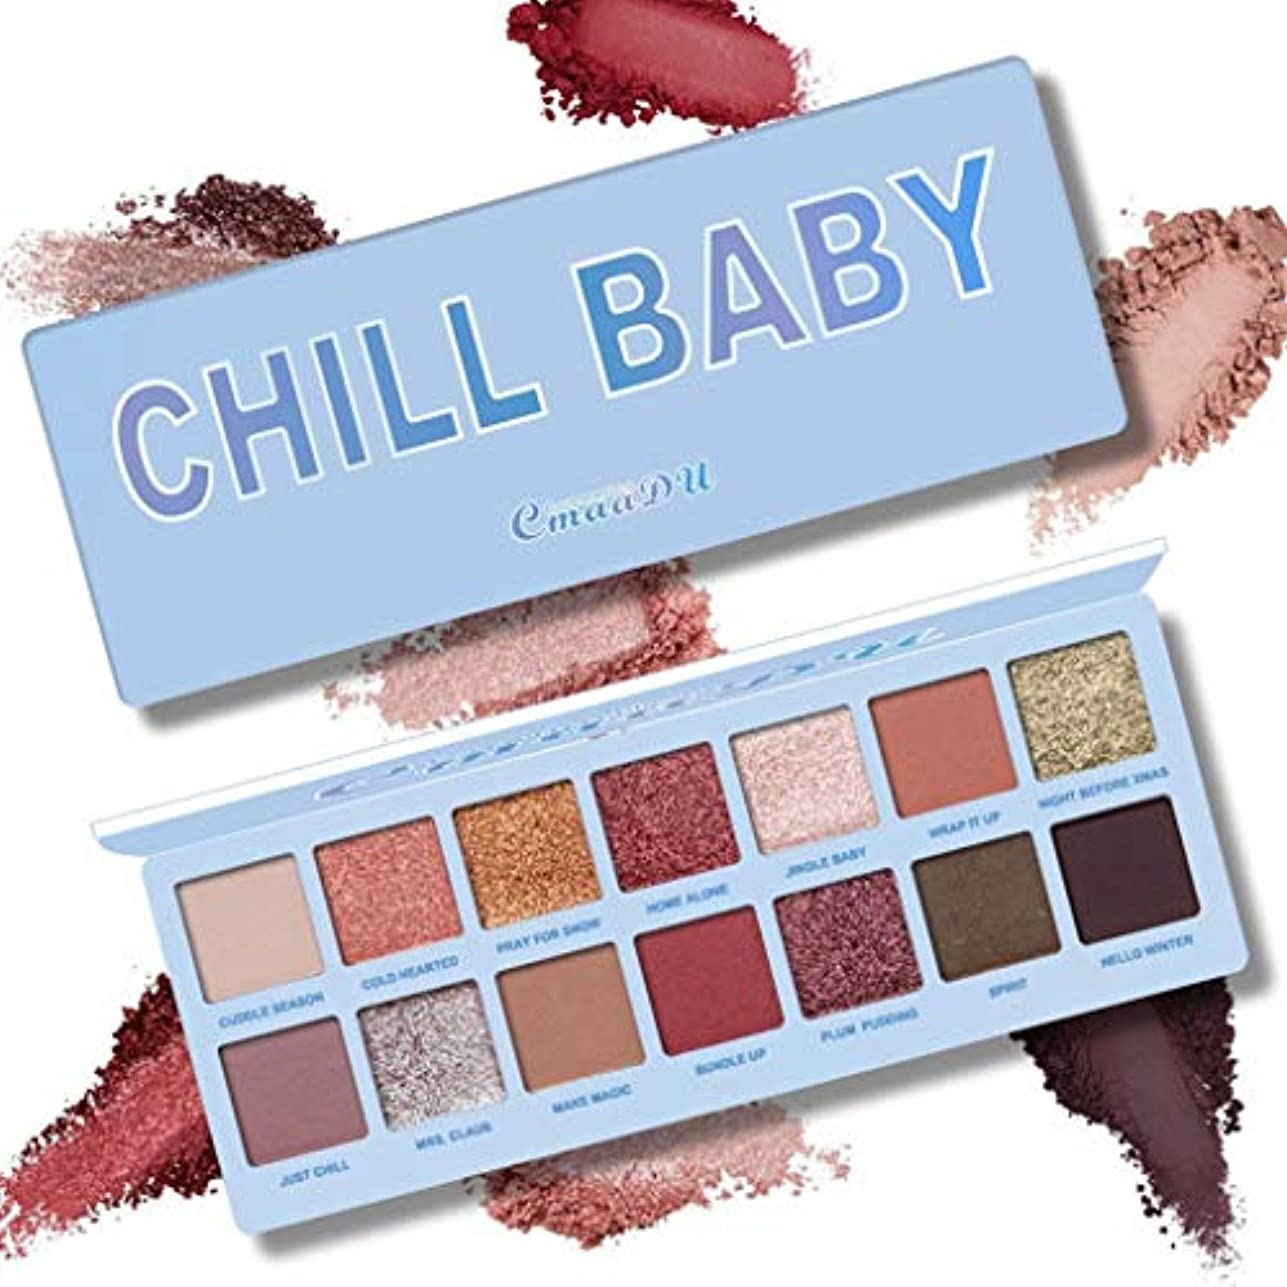 破産多数の愛人健康と美容アイシャドウ 3ピース14色ヌードシャイニングアイシャドウパレット防水スモーキーアイシャドーパレットマットパウダー化粧品(スカイブルー) 化粧 (色 : Sky blue)